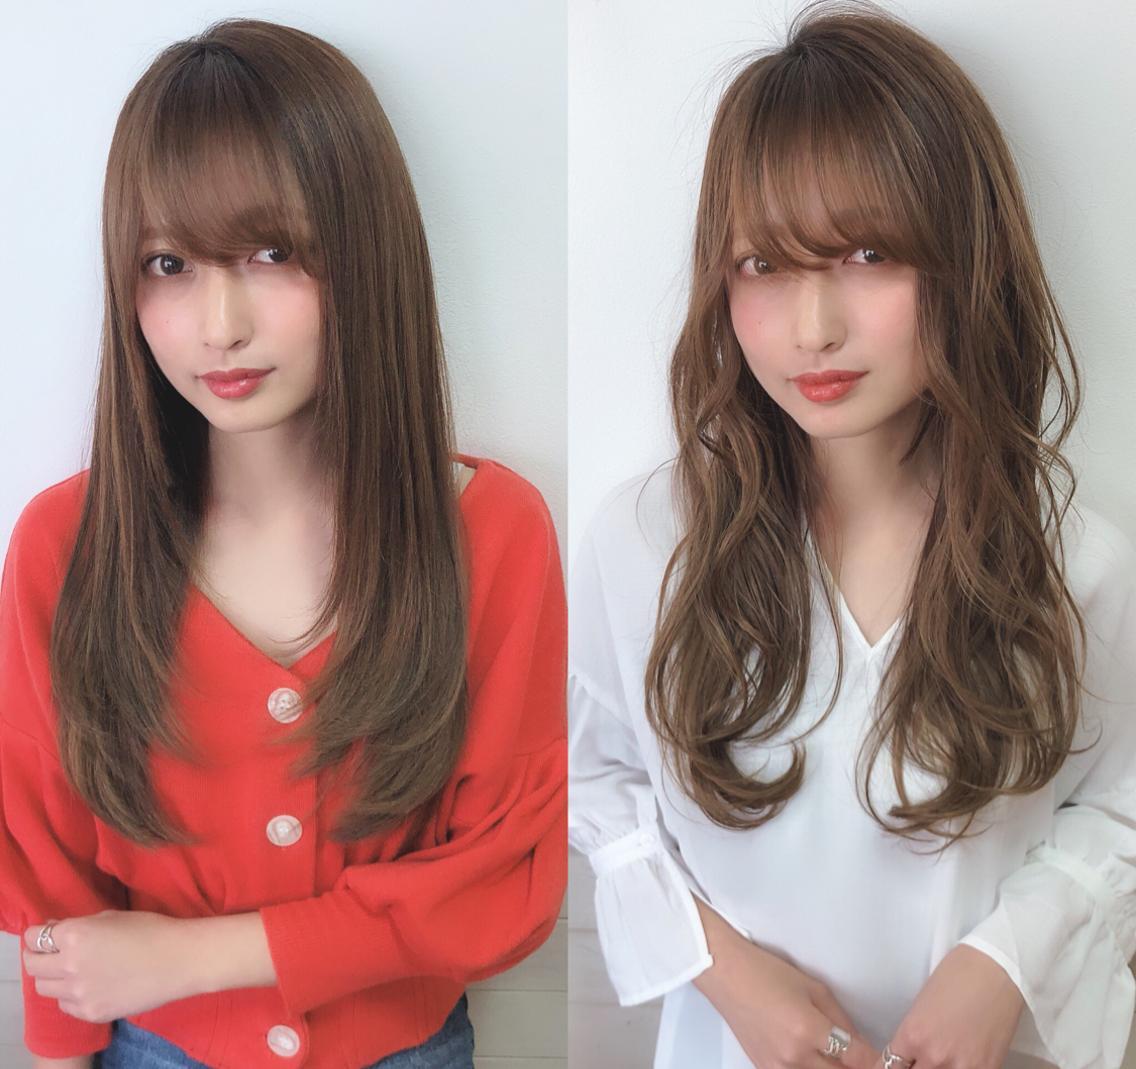 【ミディアム〜ロングの方】カットモデルを募集しています!毛先を少し切りたい方!!